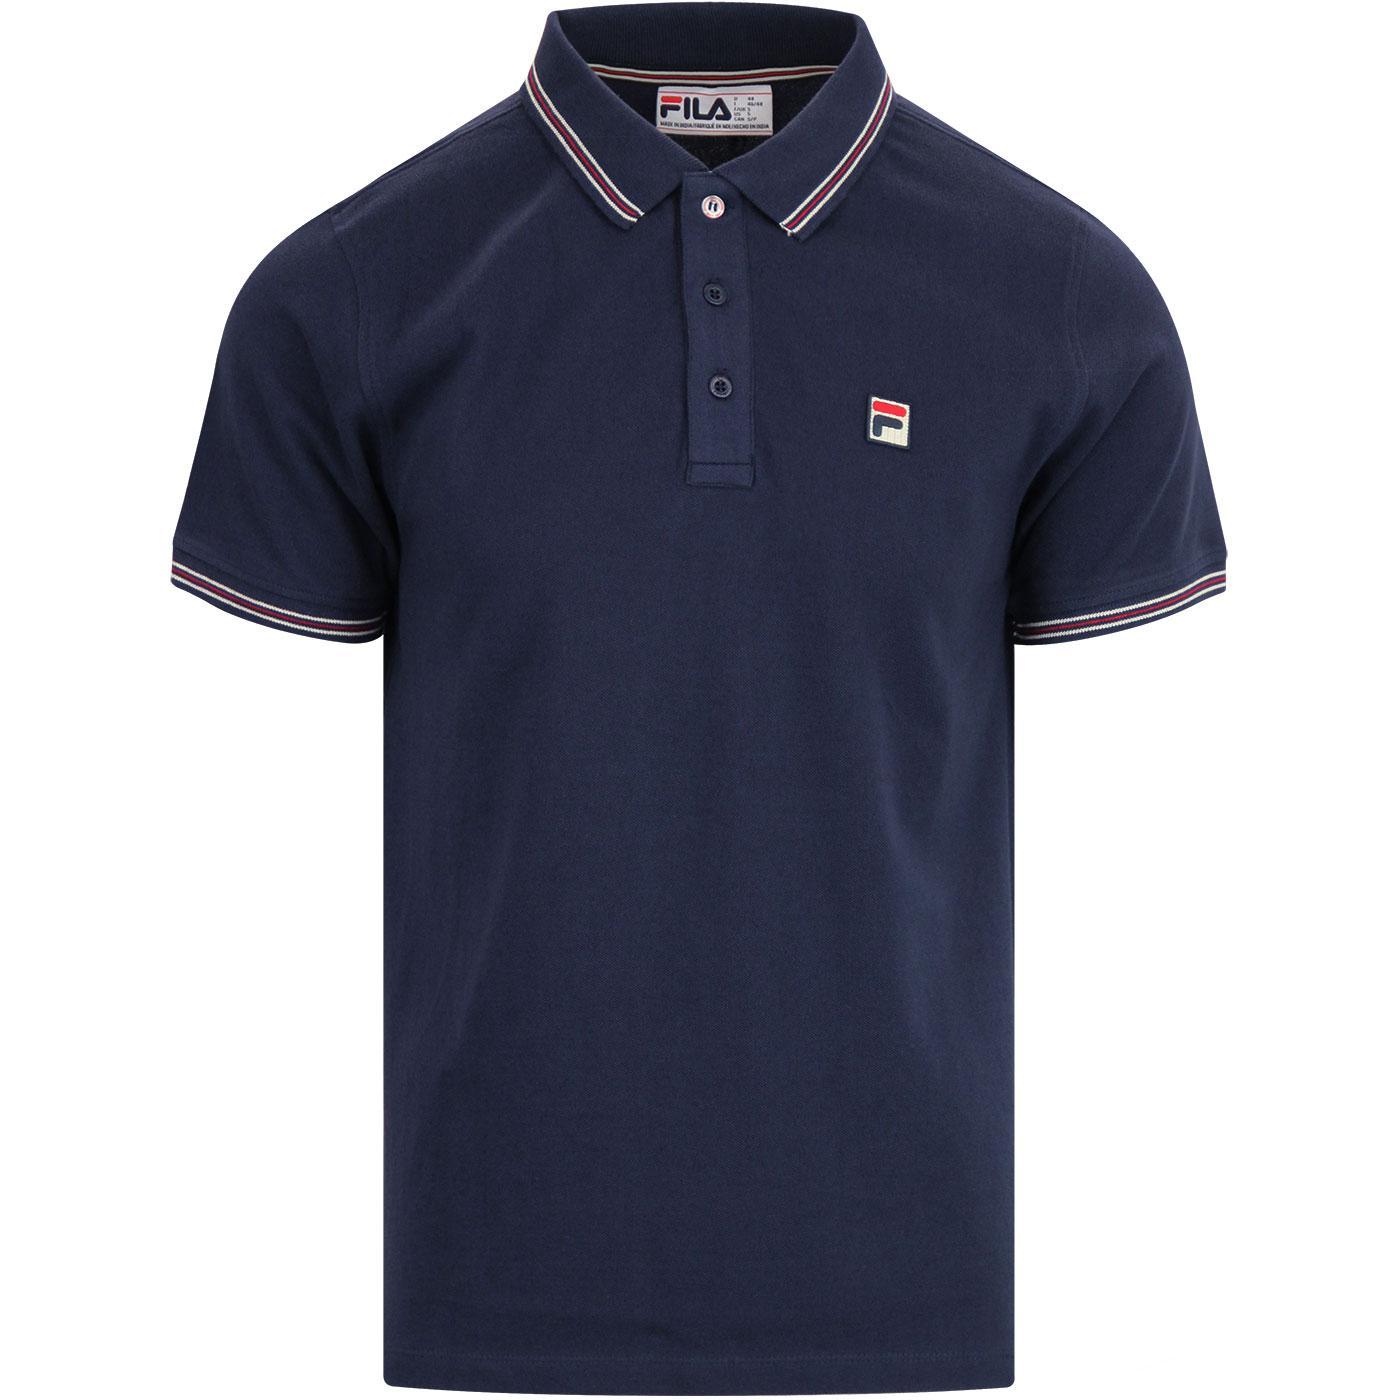 Matcho 4 FILA VINTAGE Retro 80s Pique Polo Shirt P